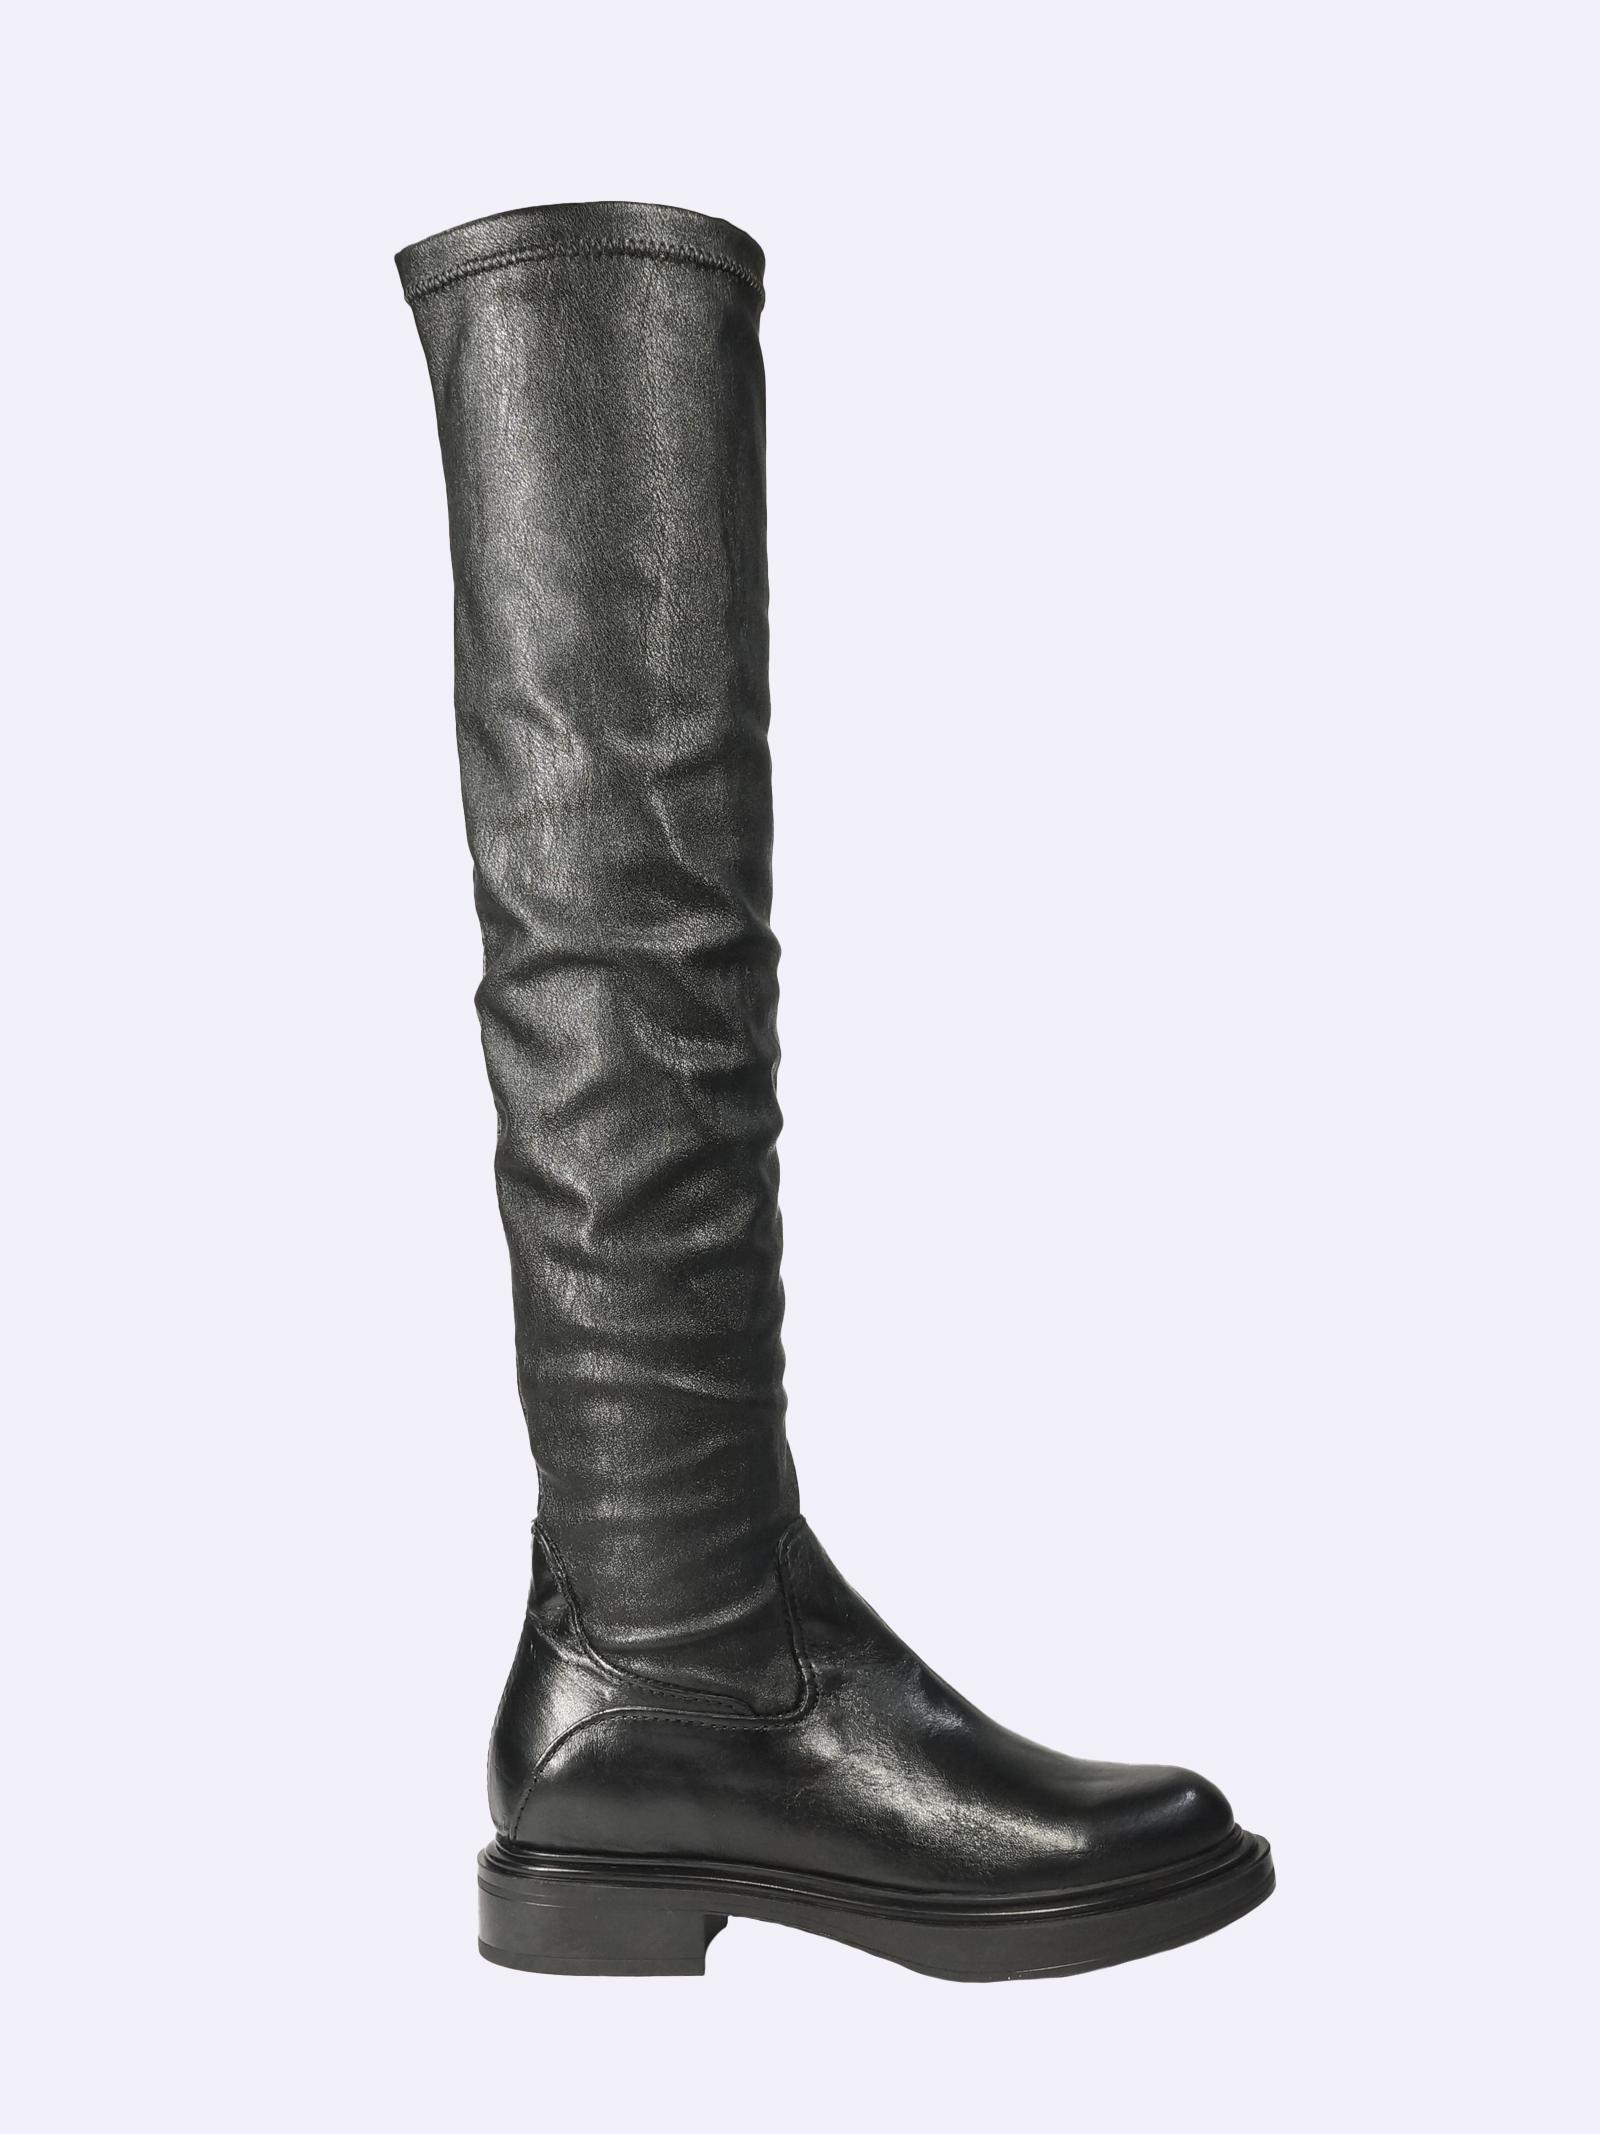 Stivali al Ginocchio Donna in Pelle Nera Mjus | Stivali | M58334BLACK